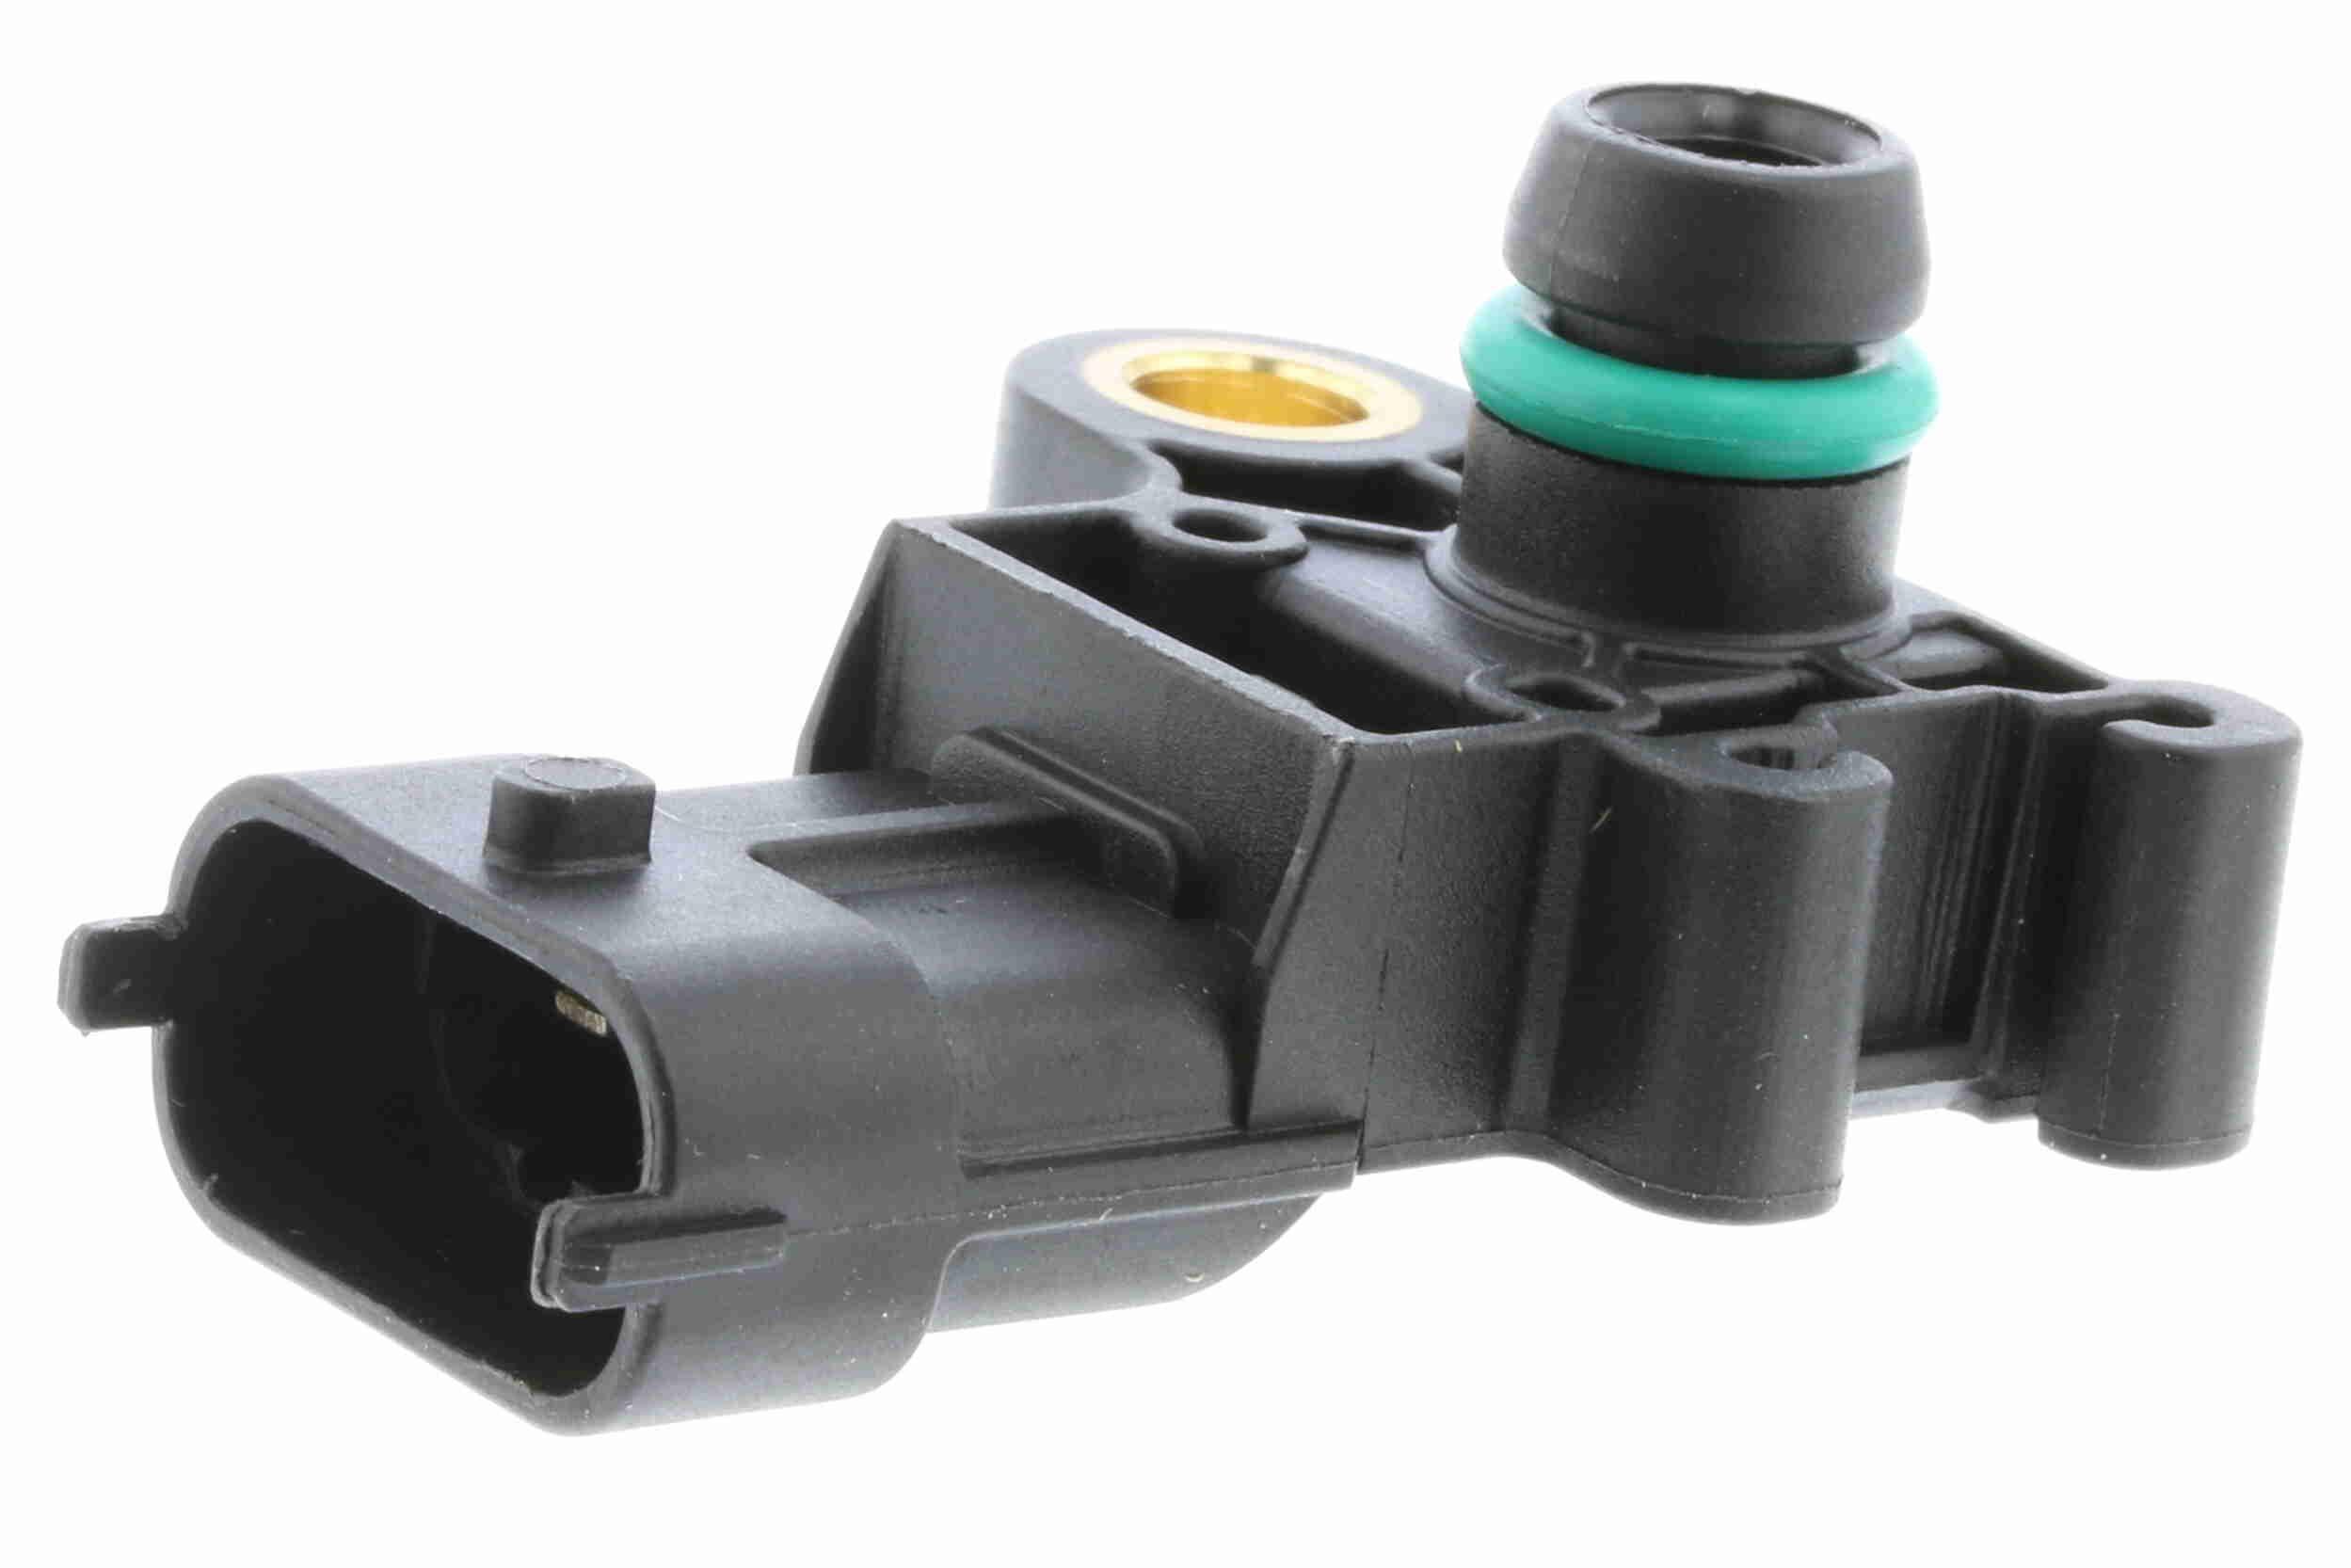 FORD FOCUS 2014 Map Sensor - Original VEMO V25-72-1095 Pol-Anzahl: 3-polig